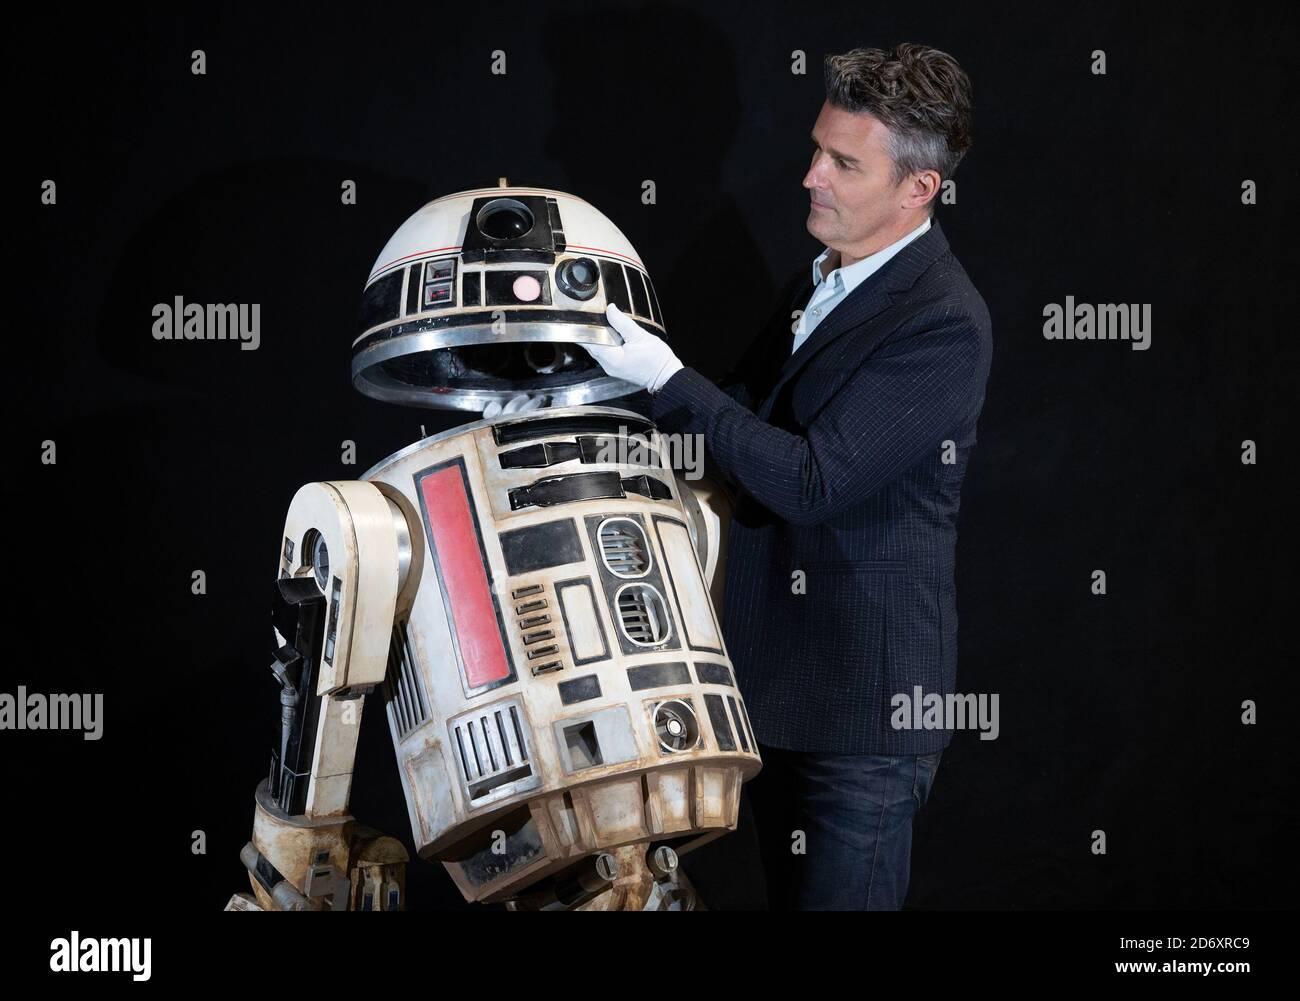 Stephen Lane, PDG de Prop Store, inspecte un droïde R2-S8 Light-up à télécommande du film de 2018 'Star Wars: Solo: A Star Wars Story' (estimation de 40,000 à 60,000 £) lors d'un aperçu avant la vente aux enchères de souvenirs de film et de télévision du Prop Store qui aura lieu les 1er et 2 décembre 2020. Banque D'Images